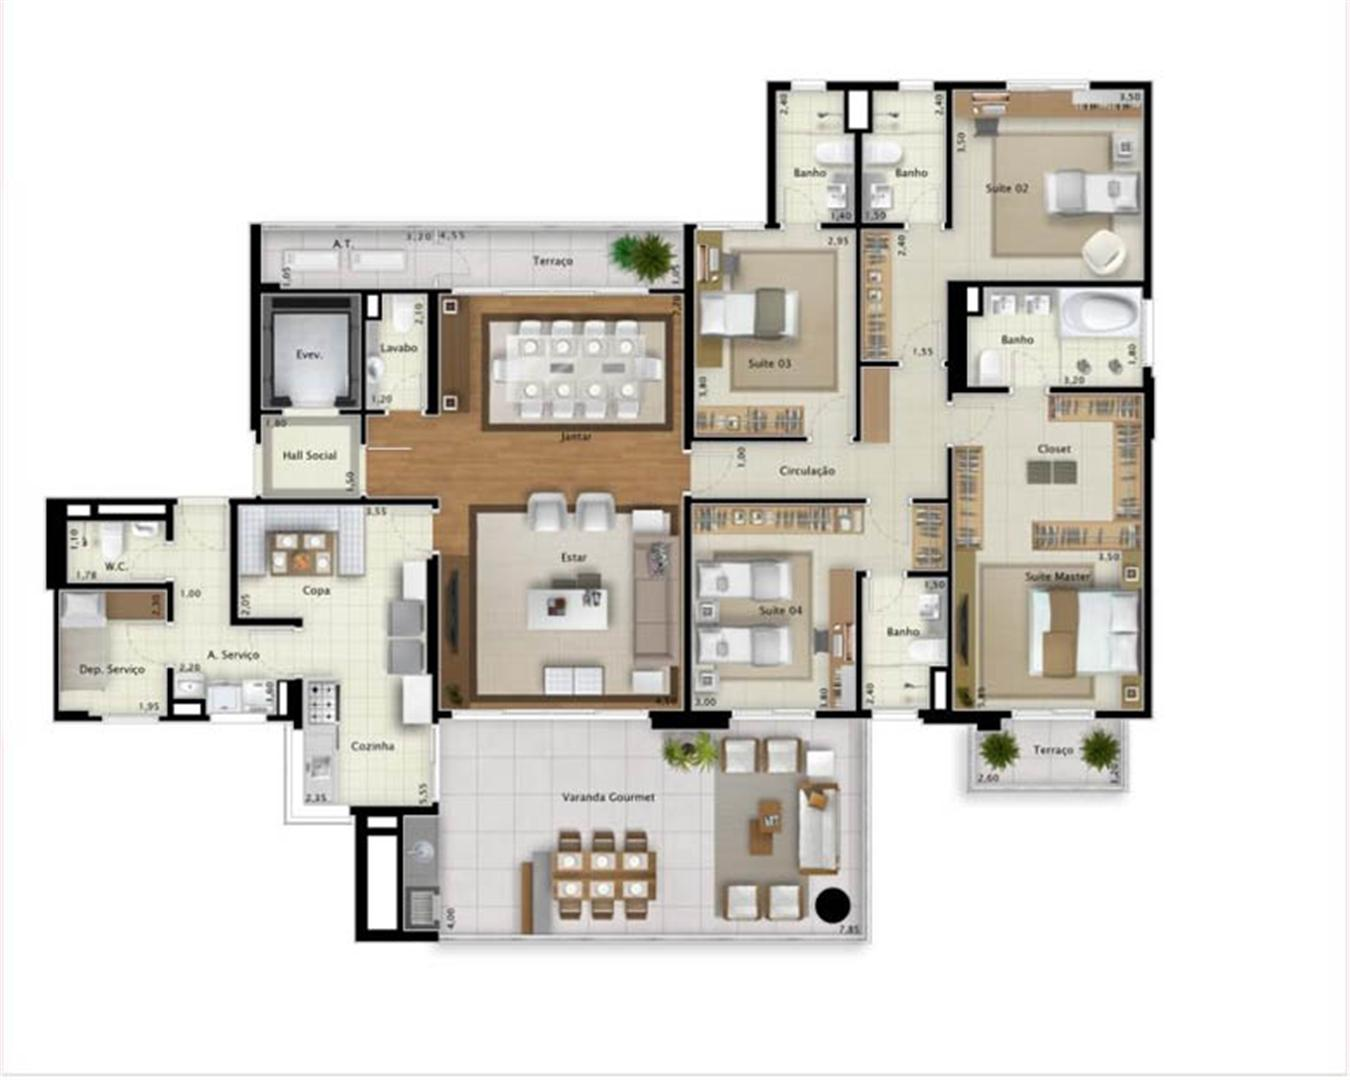 Planta apartamento Sky View 225 m² | Mirage Bay – Apartamento em  Umarizal  - Belém - Pará